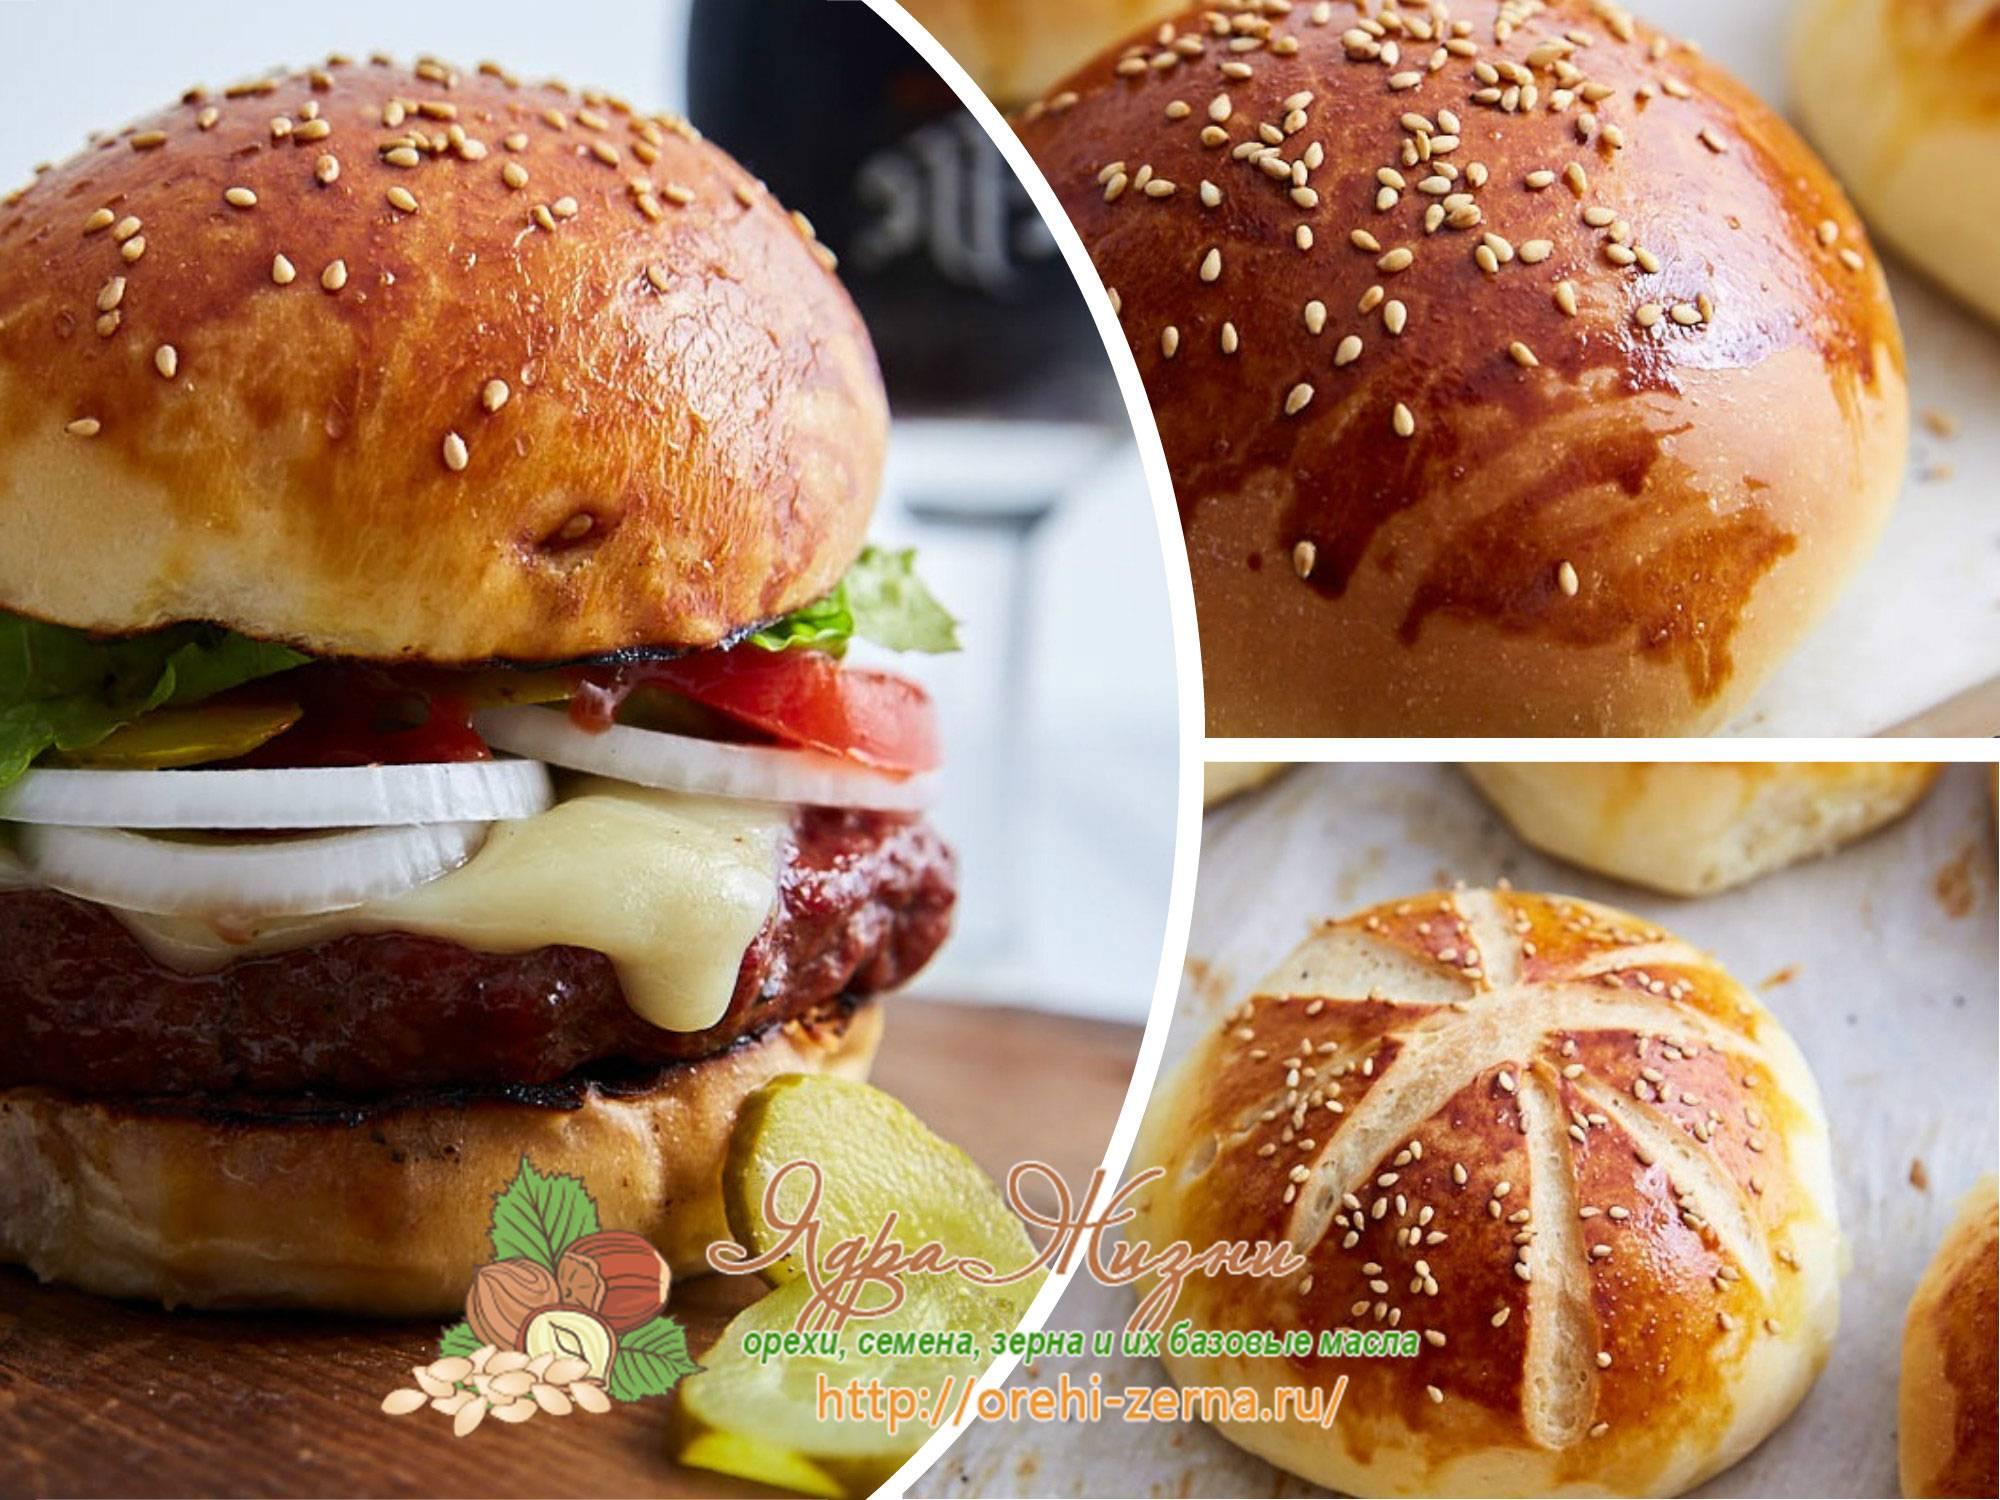 Цельнозерновые булочки для гамбургеров макмаффин